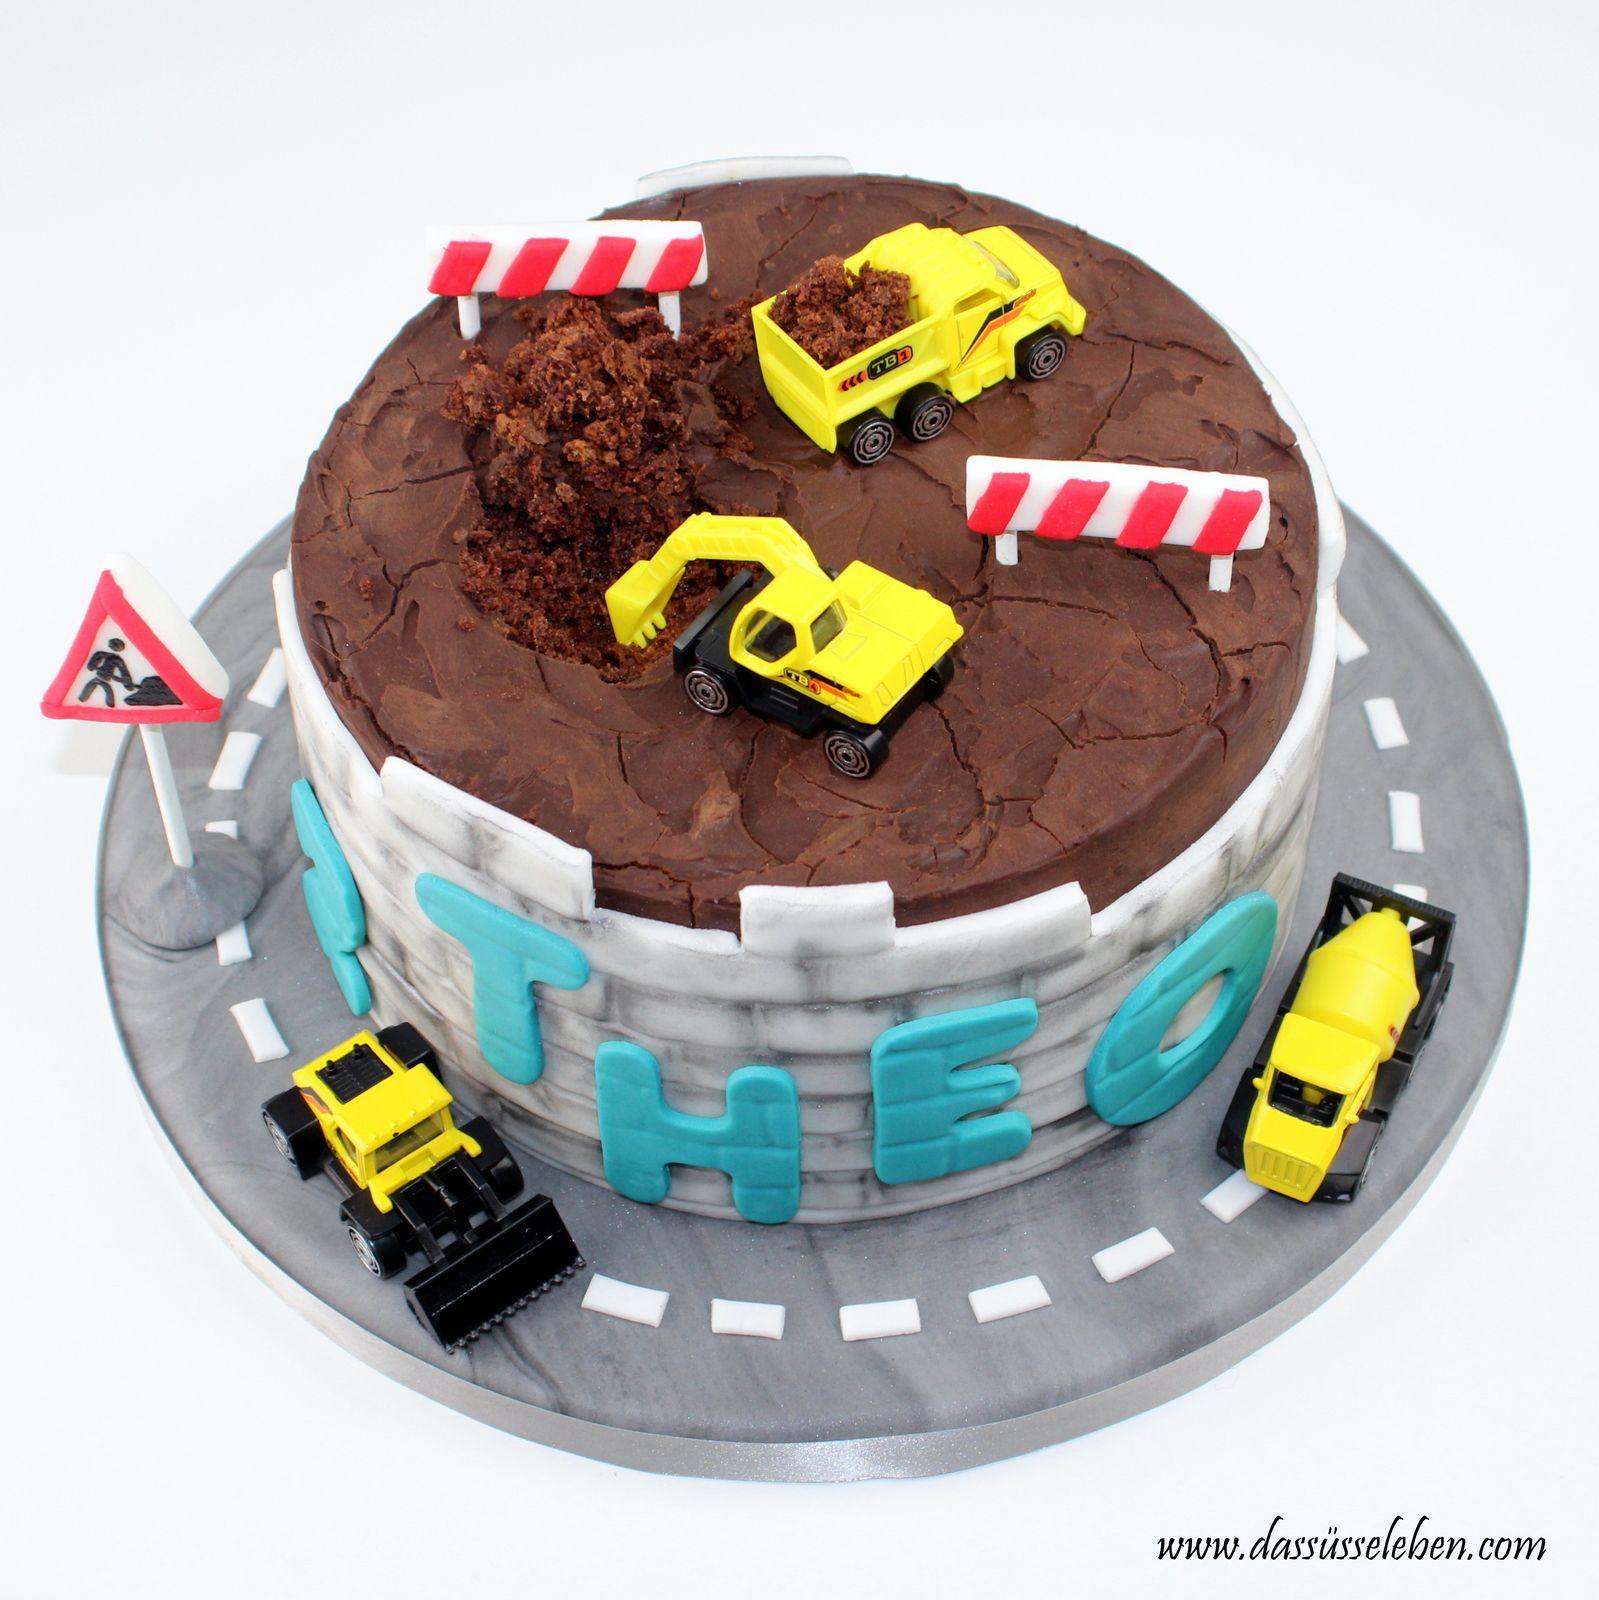 Bagger Torte Fur Kinder Kindergeburtstagstorte Geburtstagskuchen Kind Kaffee Und Kuchen